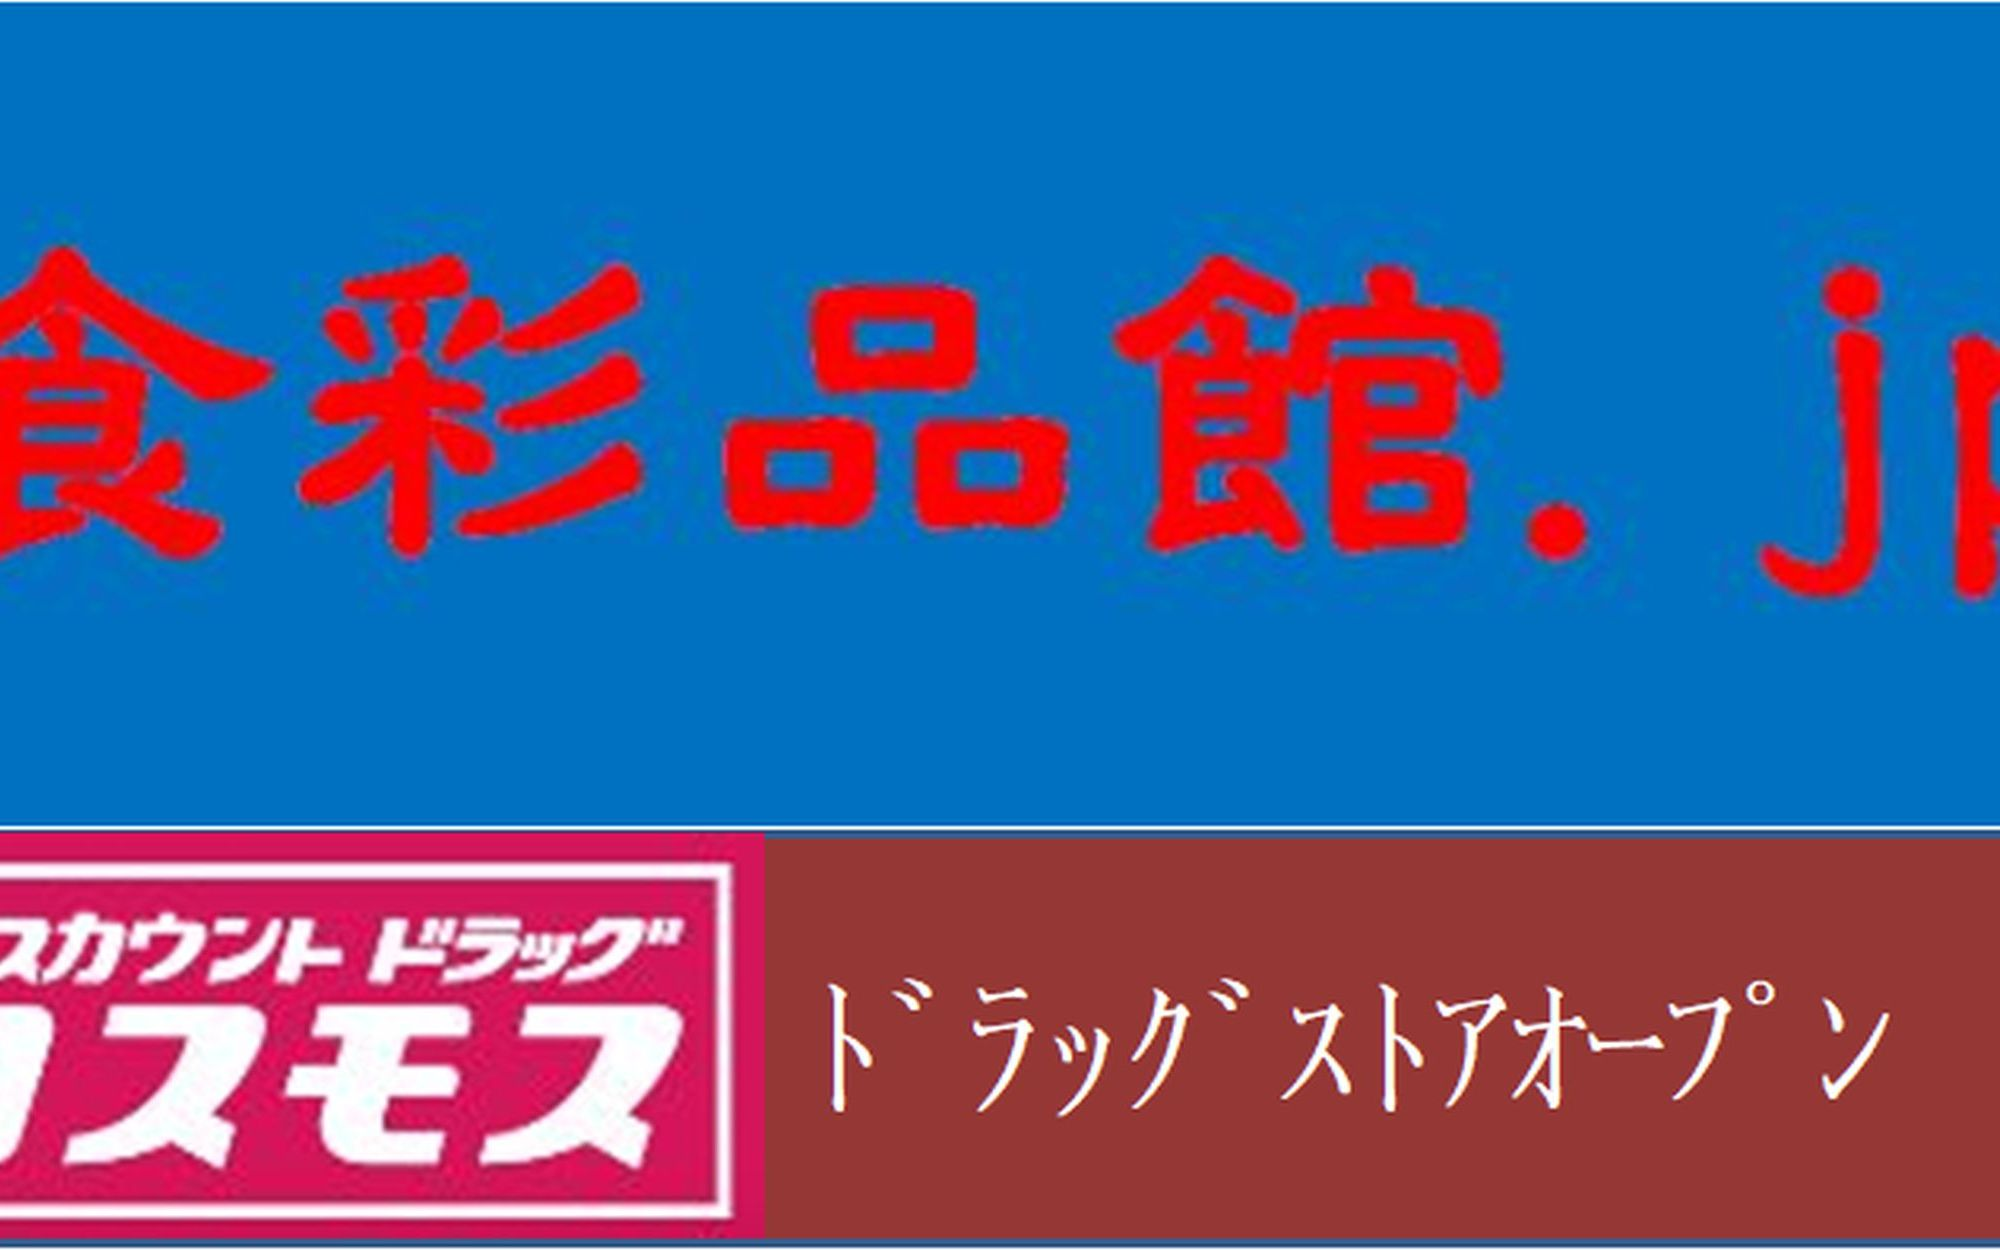 ドラッグコスモス加西北条店(兵庫県加西市)2020年7月30日オープン予定で大店立地届出。ディスカウント,ドラッグストア,